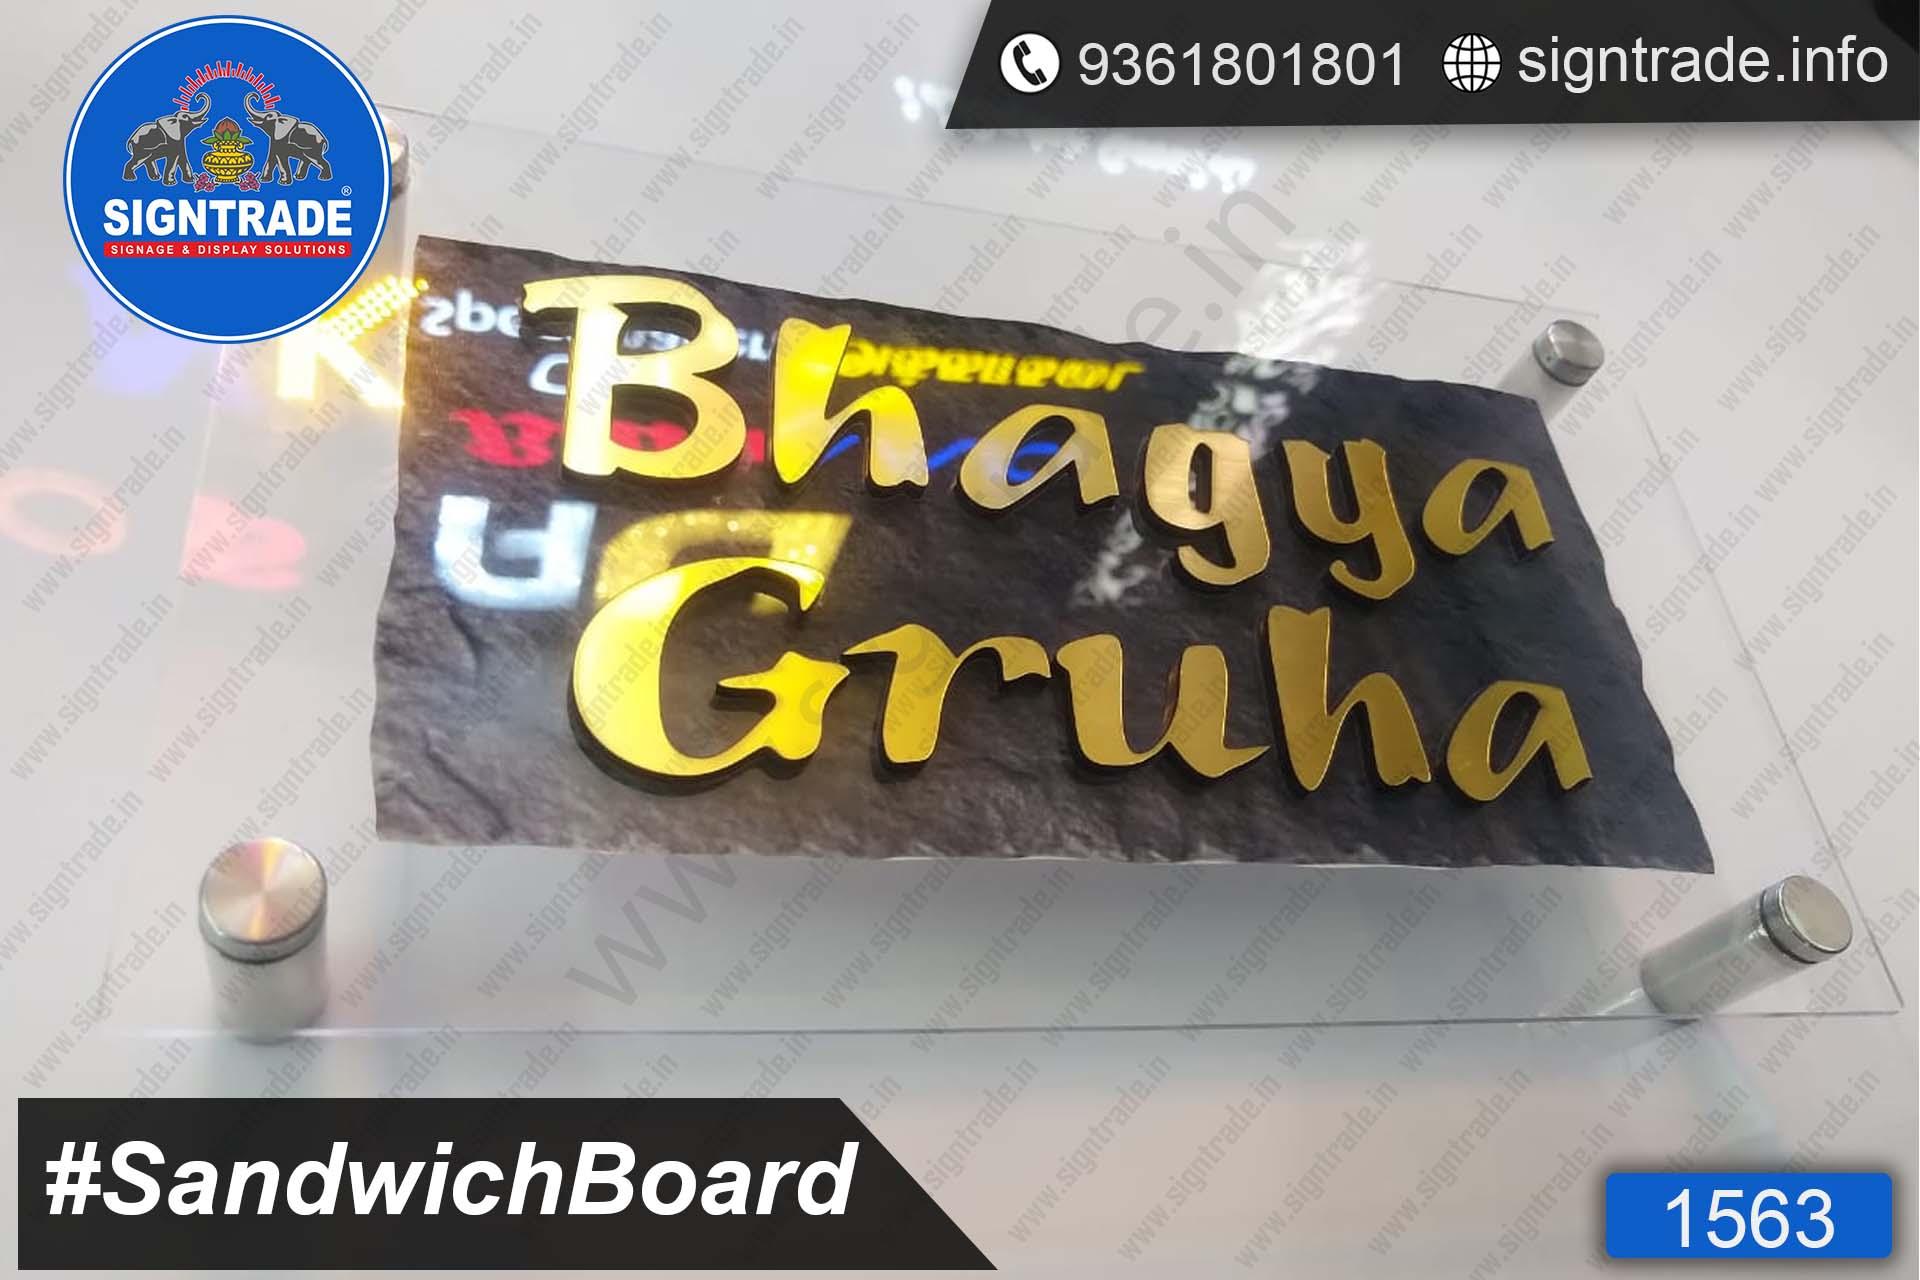 Bhagya Gruha, Chennai - SIGNTRADE - Acrylic Sandwich Board Manufacture in Chennai